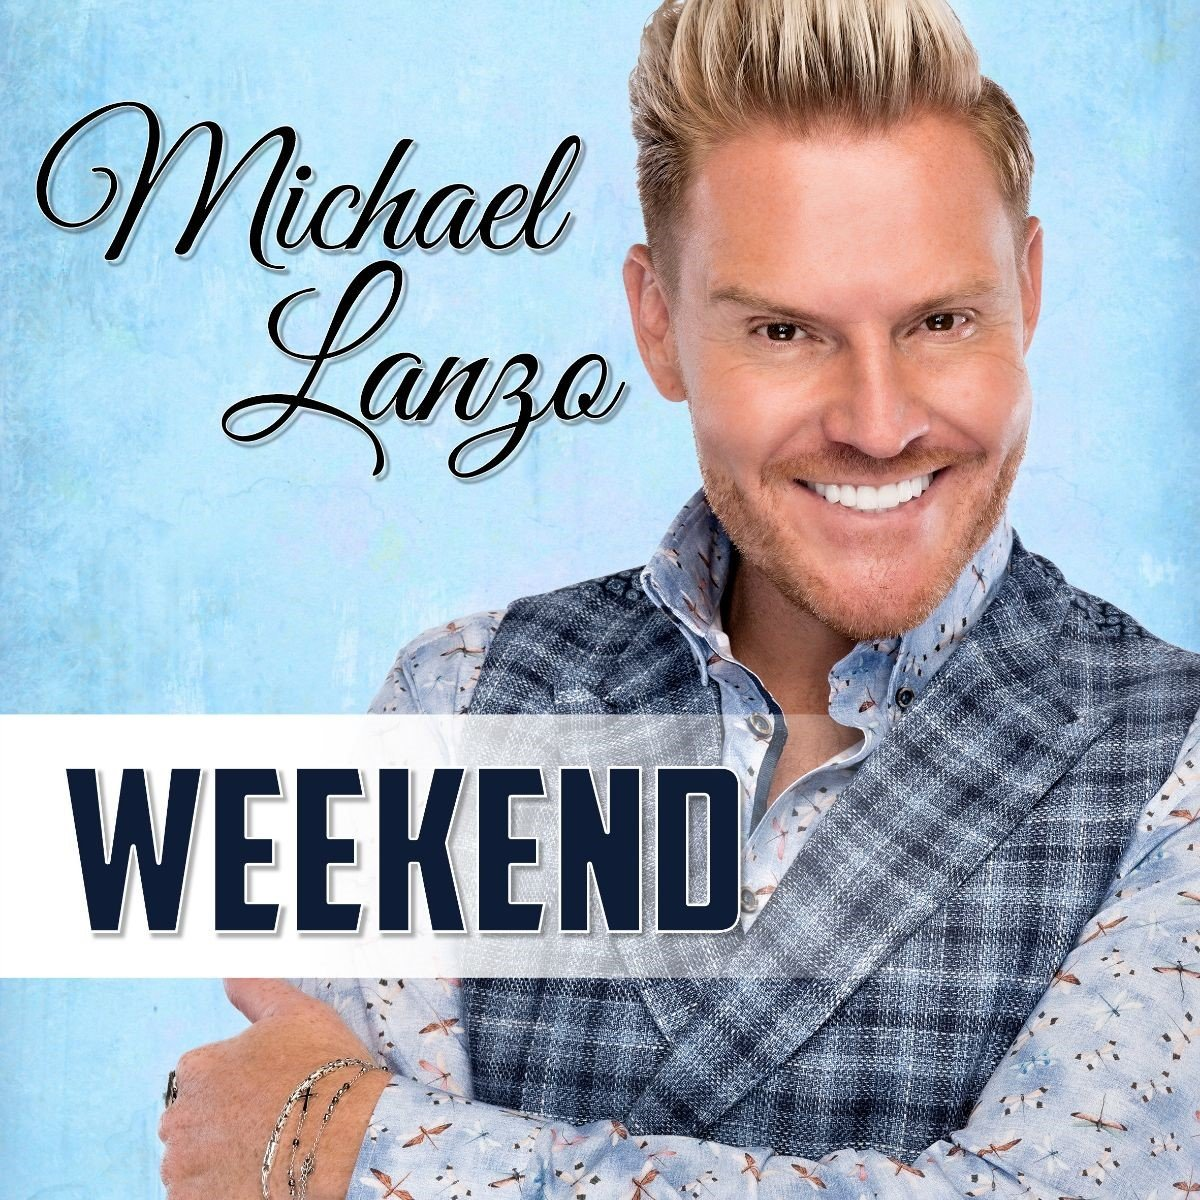 Michael Lanzo viert het 'Weekend' en trakteert op een nieuwe cd! - Hoes Michaël Lanzo Weekend 1